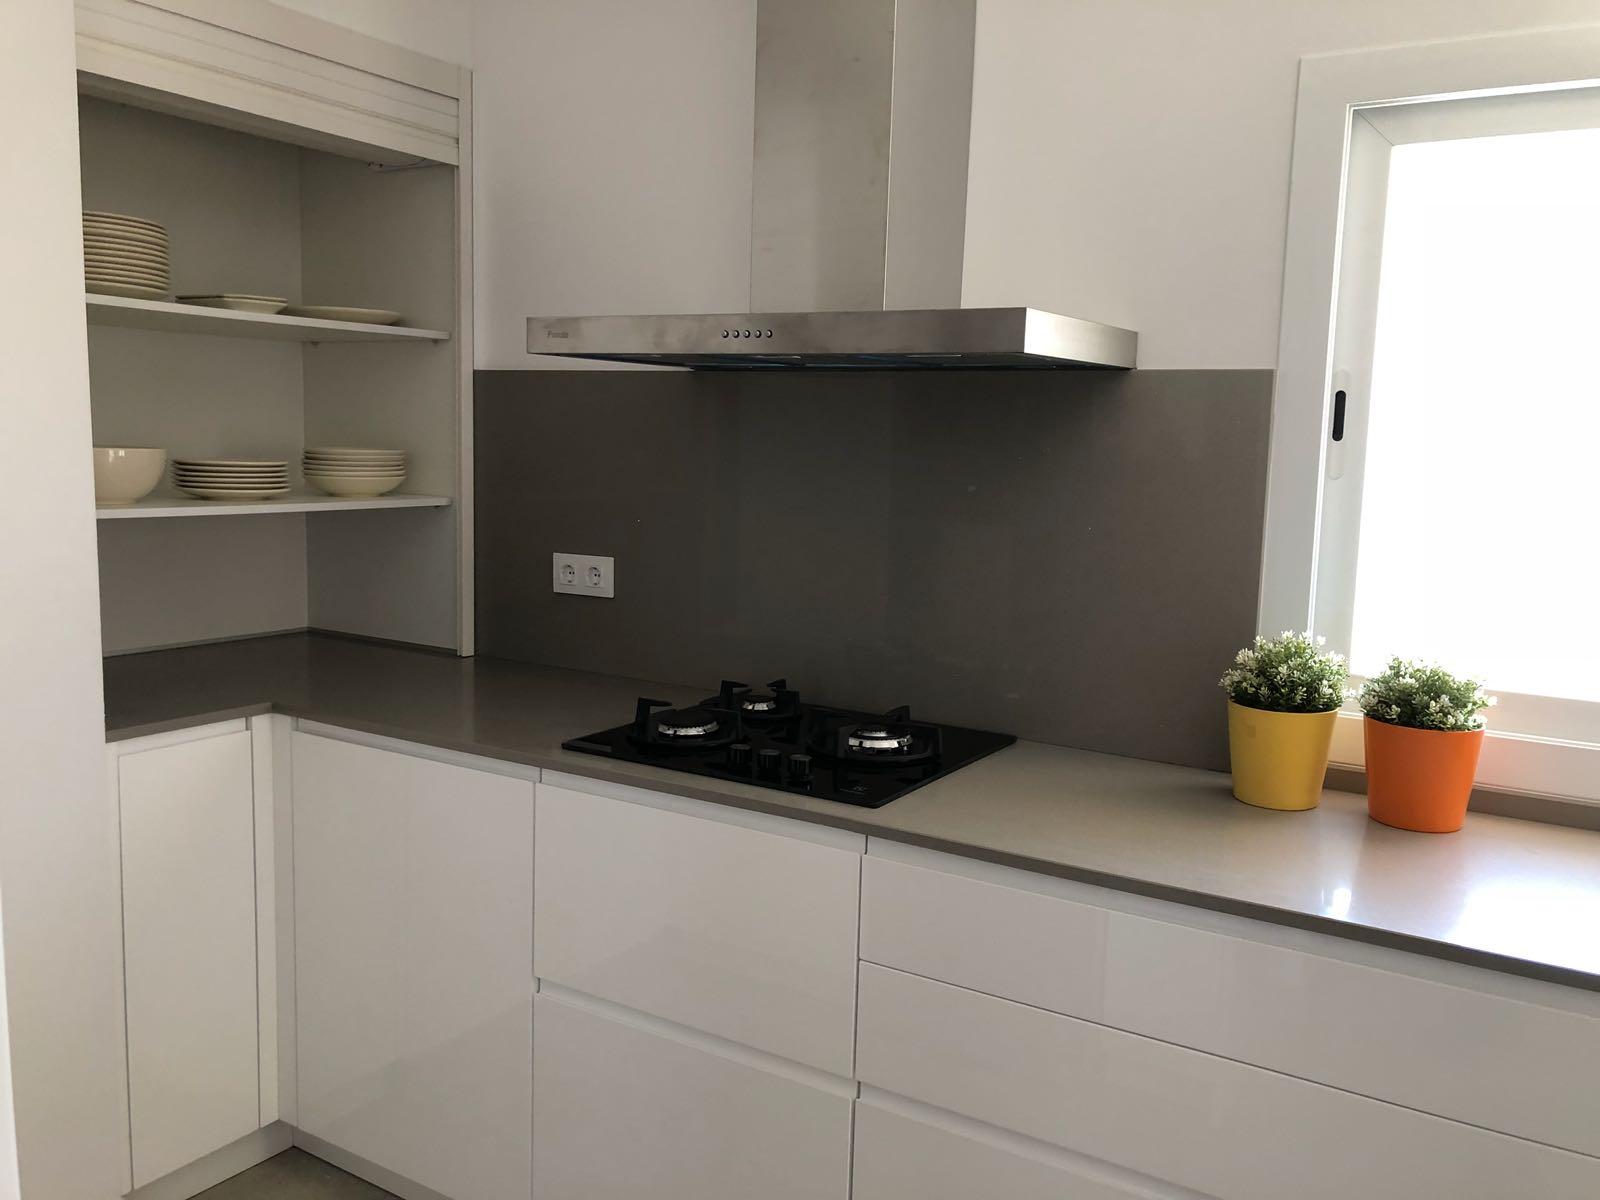 Cocinas-vallori (11)